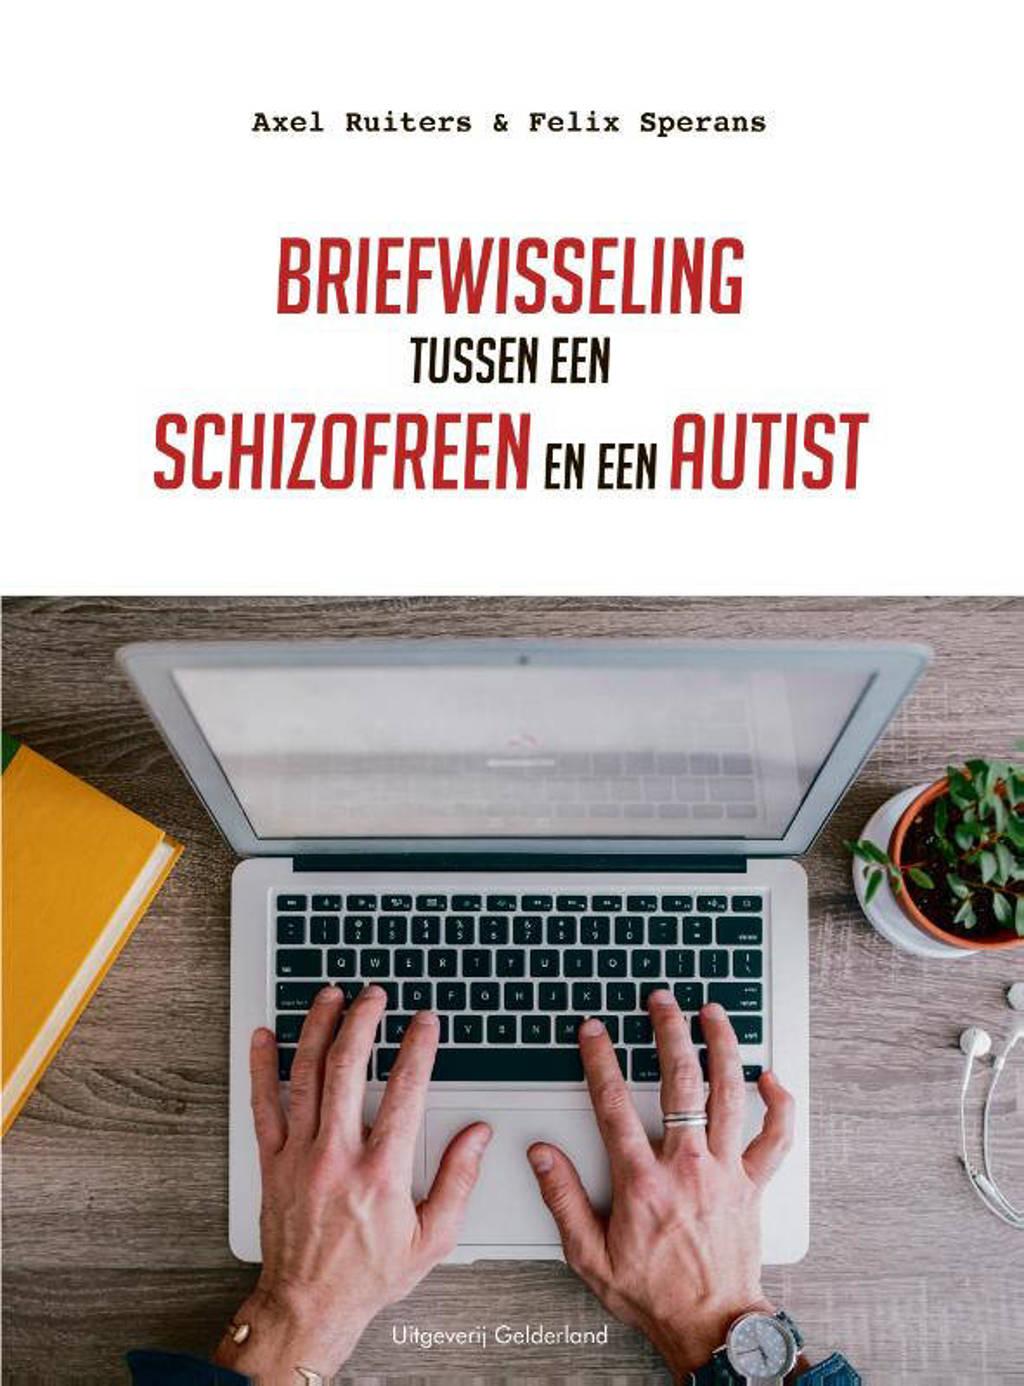 Briefwisseling tussen een schizofreen en een autist - Axel Ruiters en Felix Sperans